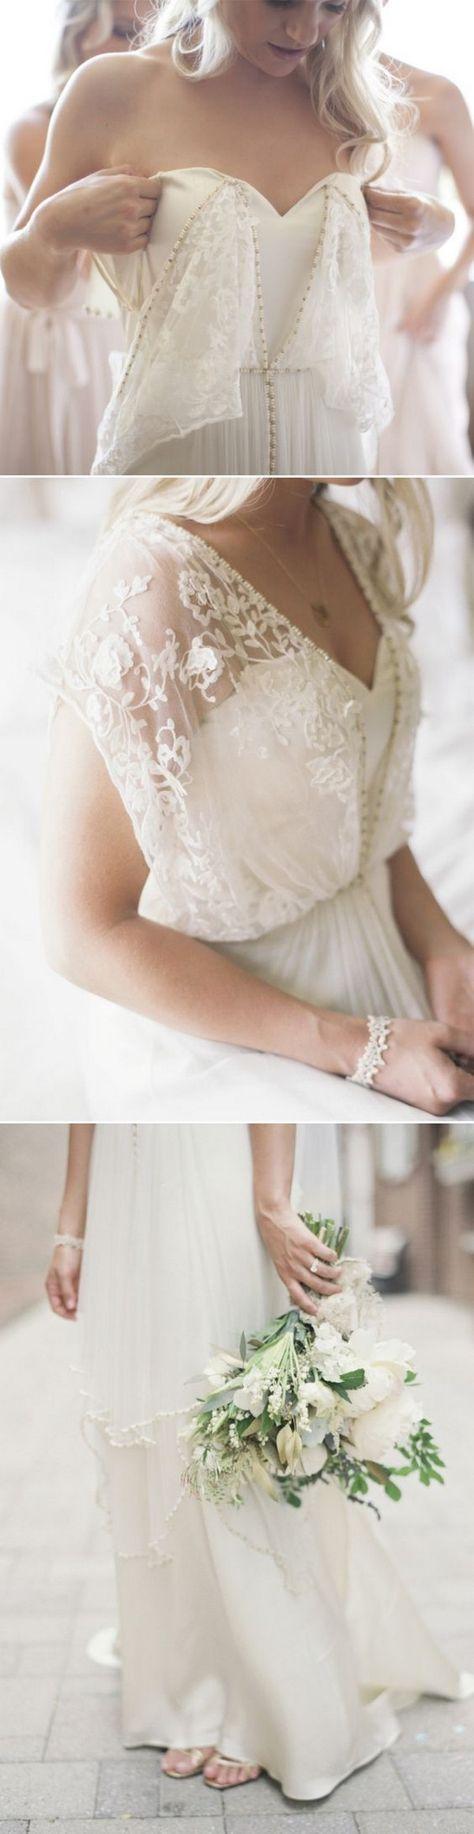 Top boho wedding dresses for trends page of boho